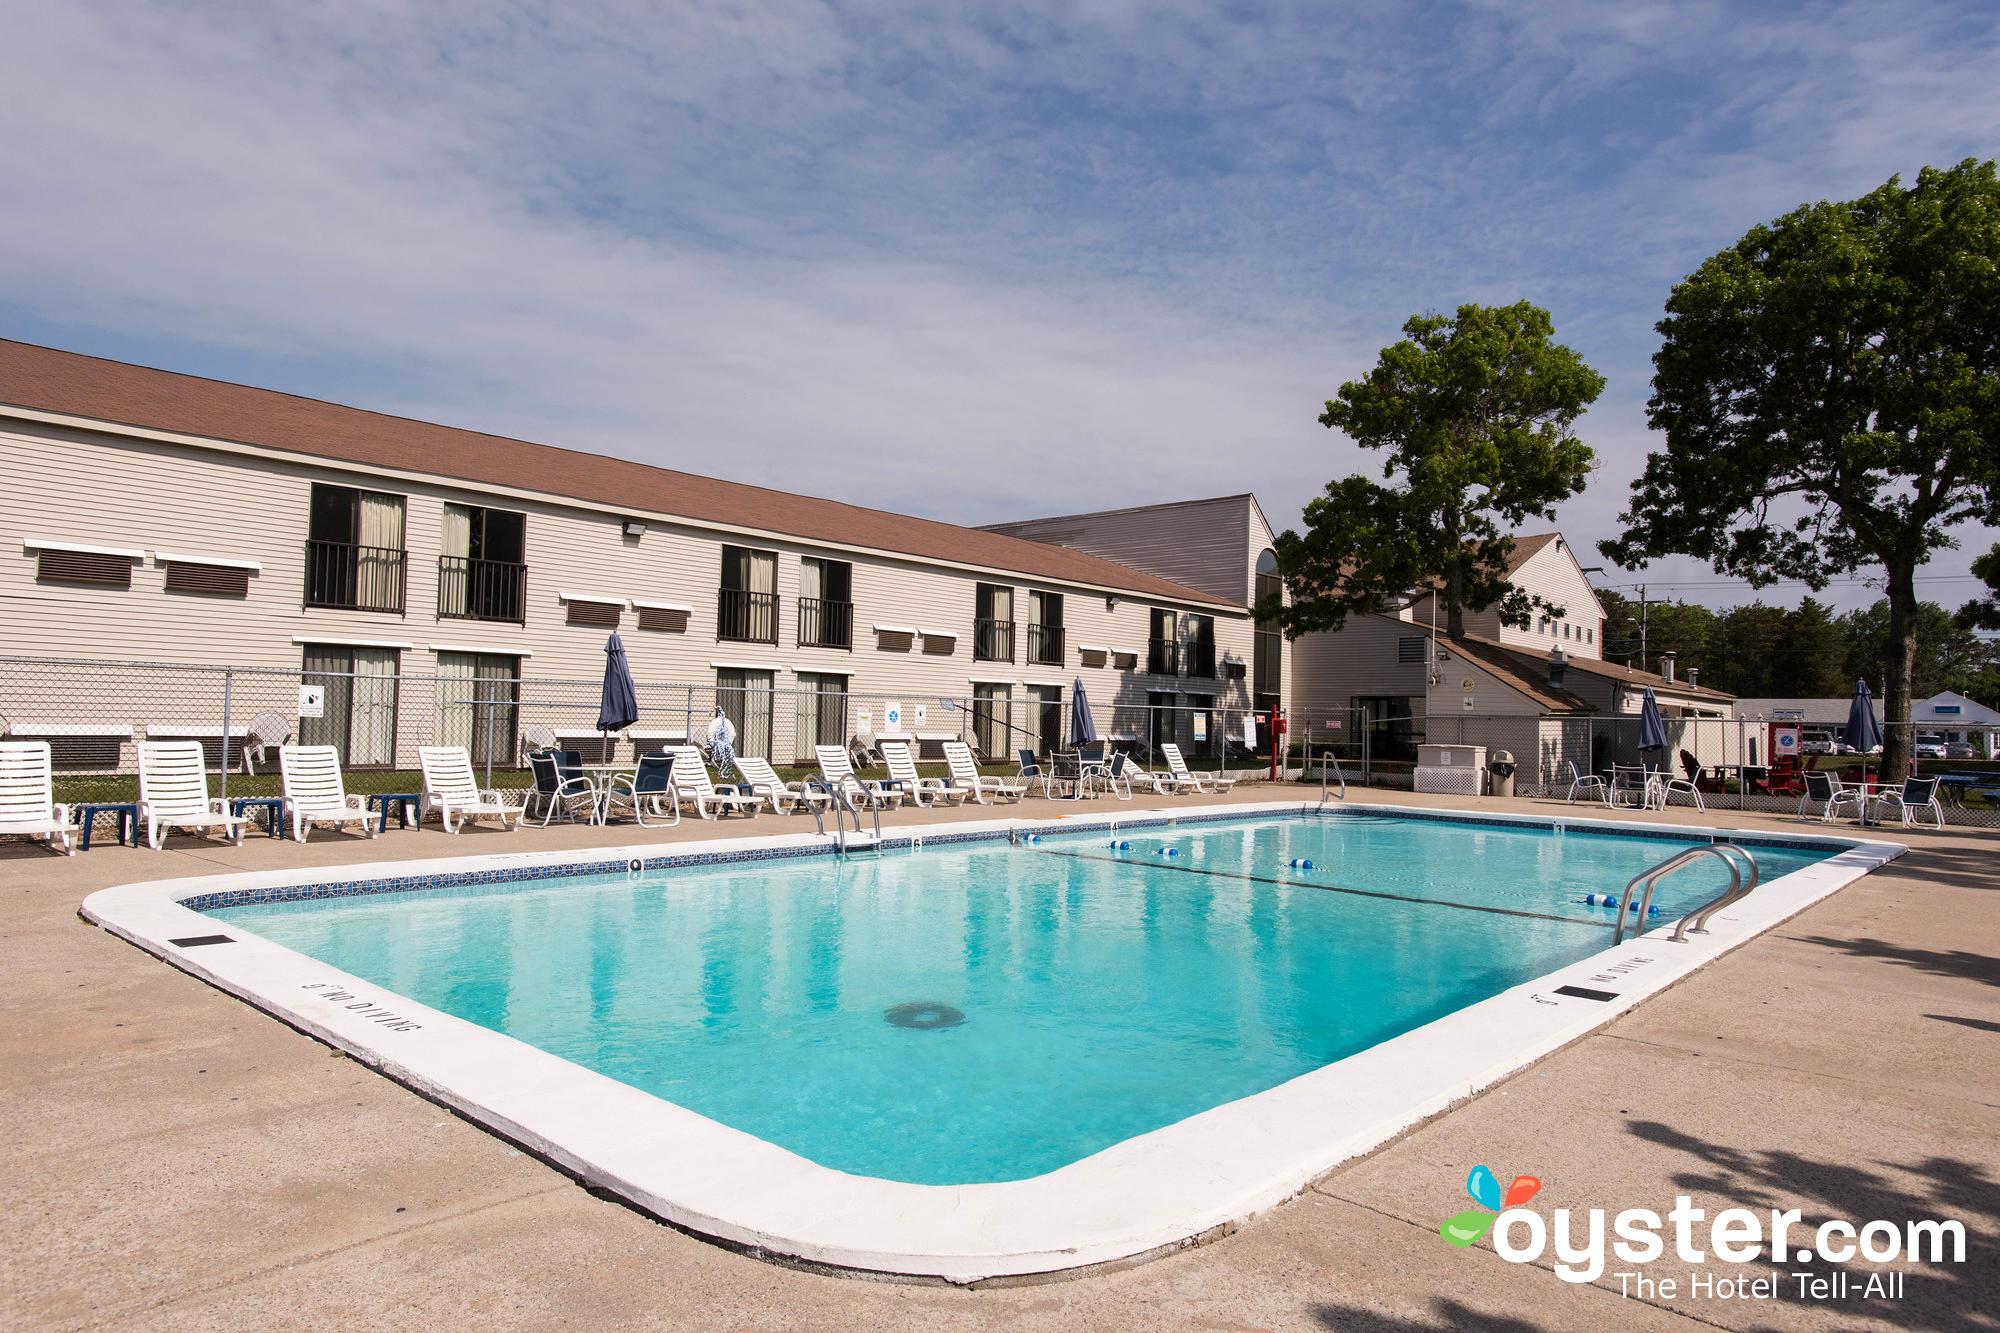 outdoor-pool--v13334086-2000.jpg